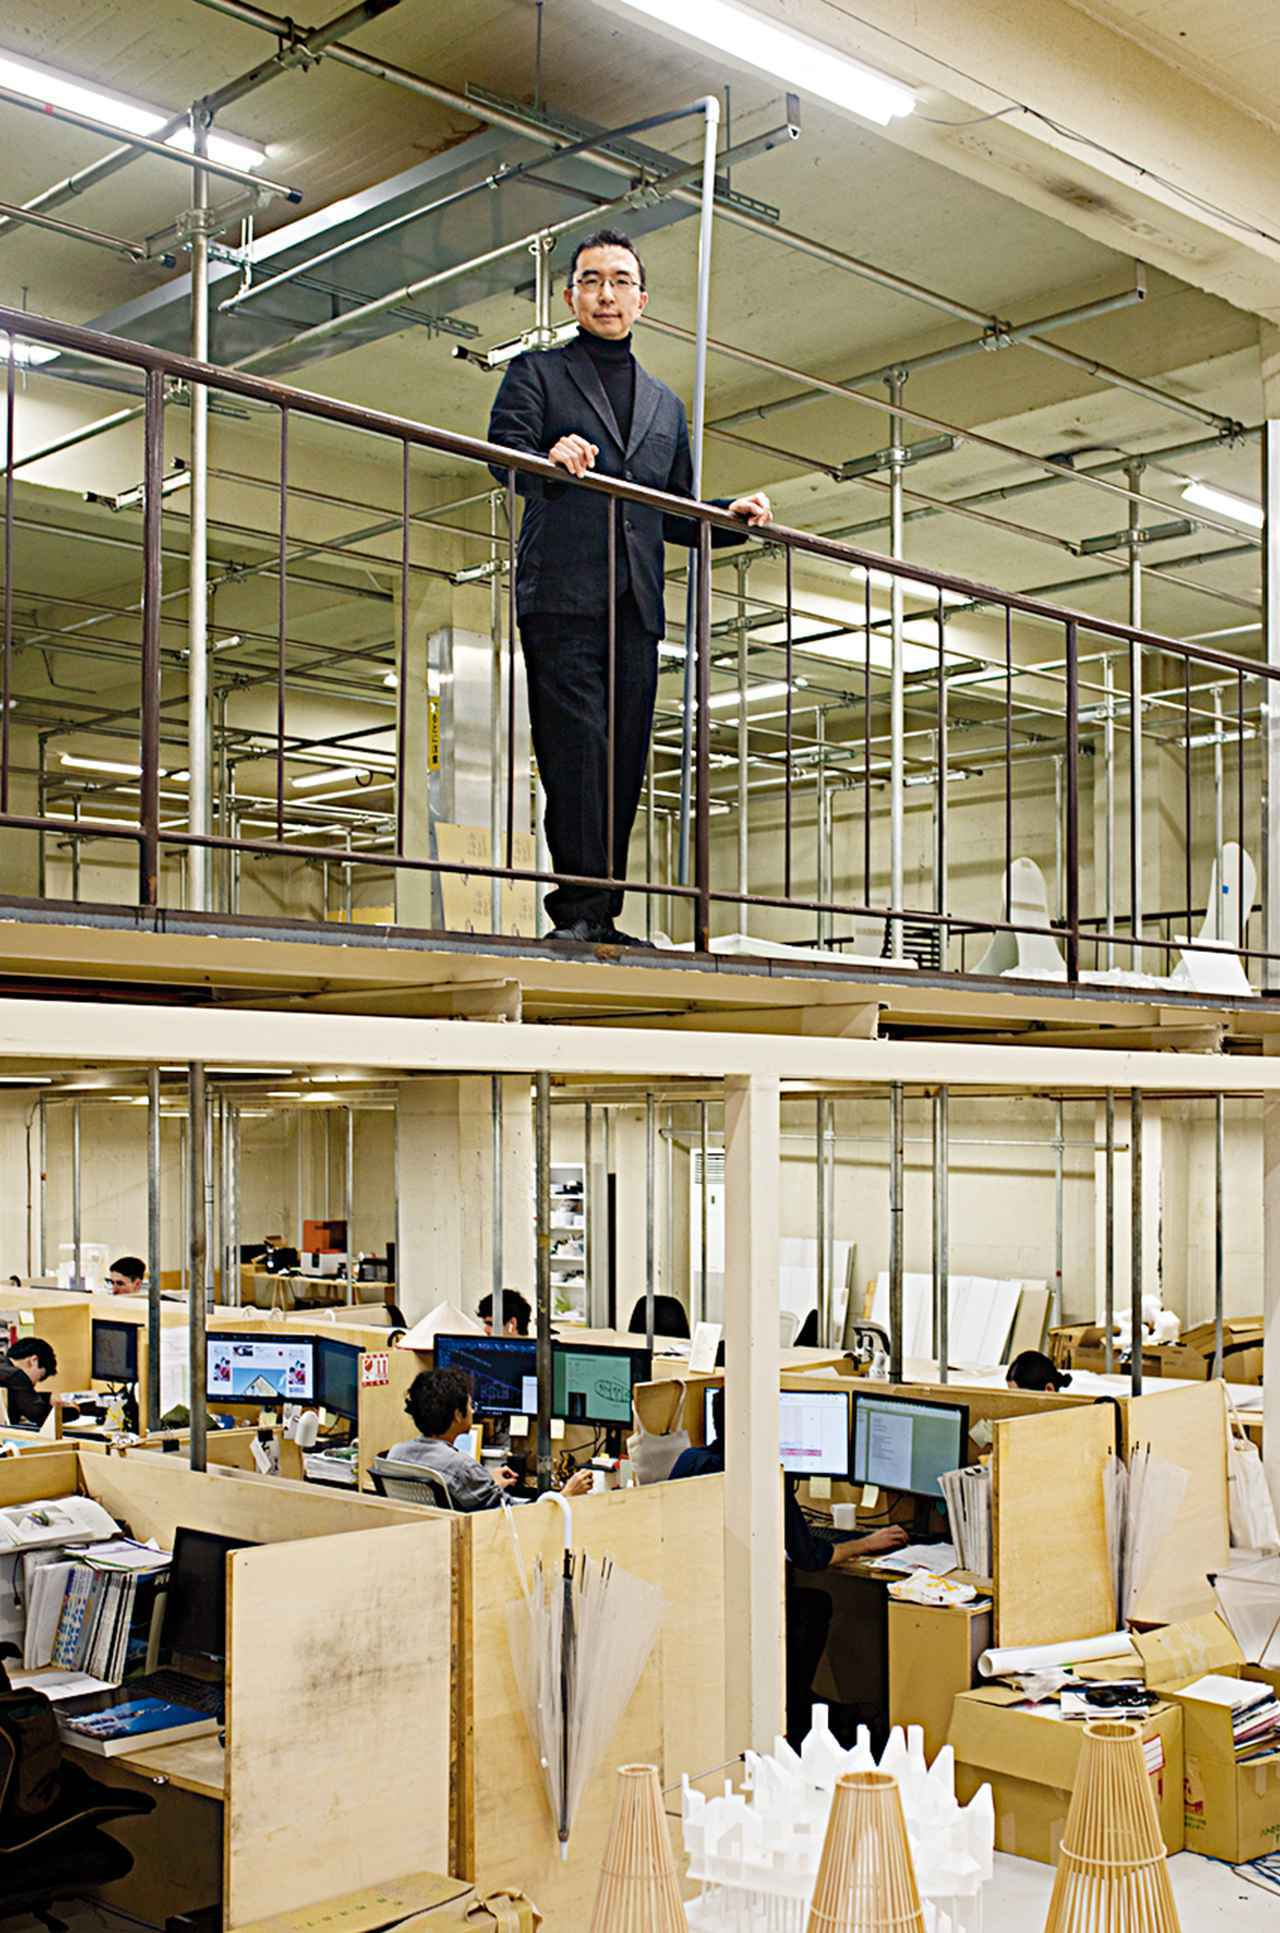 画像: 写真は東京の事務所にて 藤本壮介(SOUSUKE FUJIMOTO) 1971年、北海道生まれ。東京大学工学部建築学科卒業後、2000年、藤本壮介建築設計事務所を設立。主な作品に、ロンドンのサーペンタイン・ギャラリー・パビリオン2013(2013年)、House NA(2011年)、武蔵野美術大学 美術館・図書館(2010年)、House N(2008年) など。2014年フランス・モンペリエ国際設計競技最優秀賞(ラルブル・ブラン)に続き、2015、2017、2018年にもヨーロッパ各国の国際設計競技にて最優秀賞を受賞。2019年津田塾大学小平キャンパスマスタープラン策定業務のマスターアーキテクトに選定 www.sou-fujimoto.net